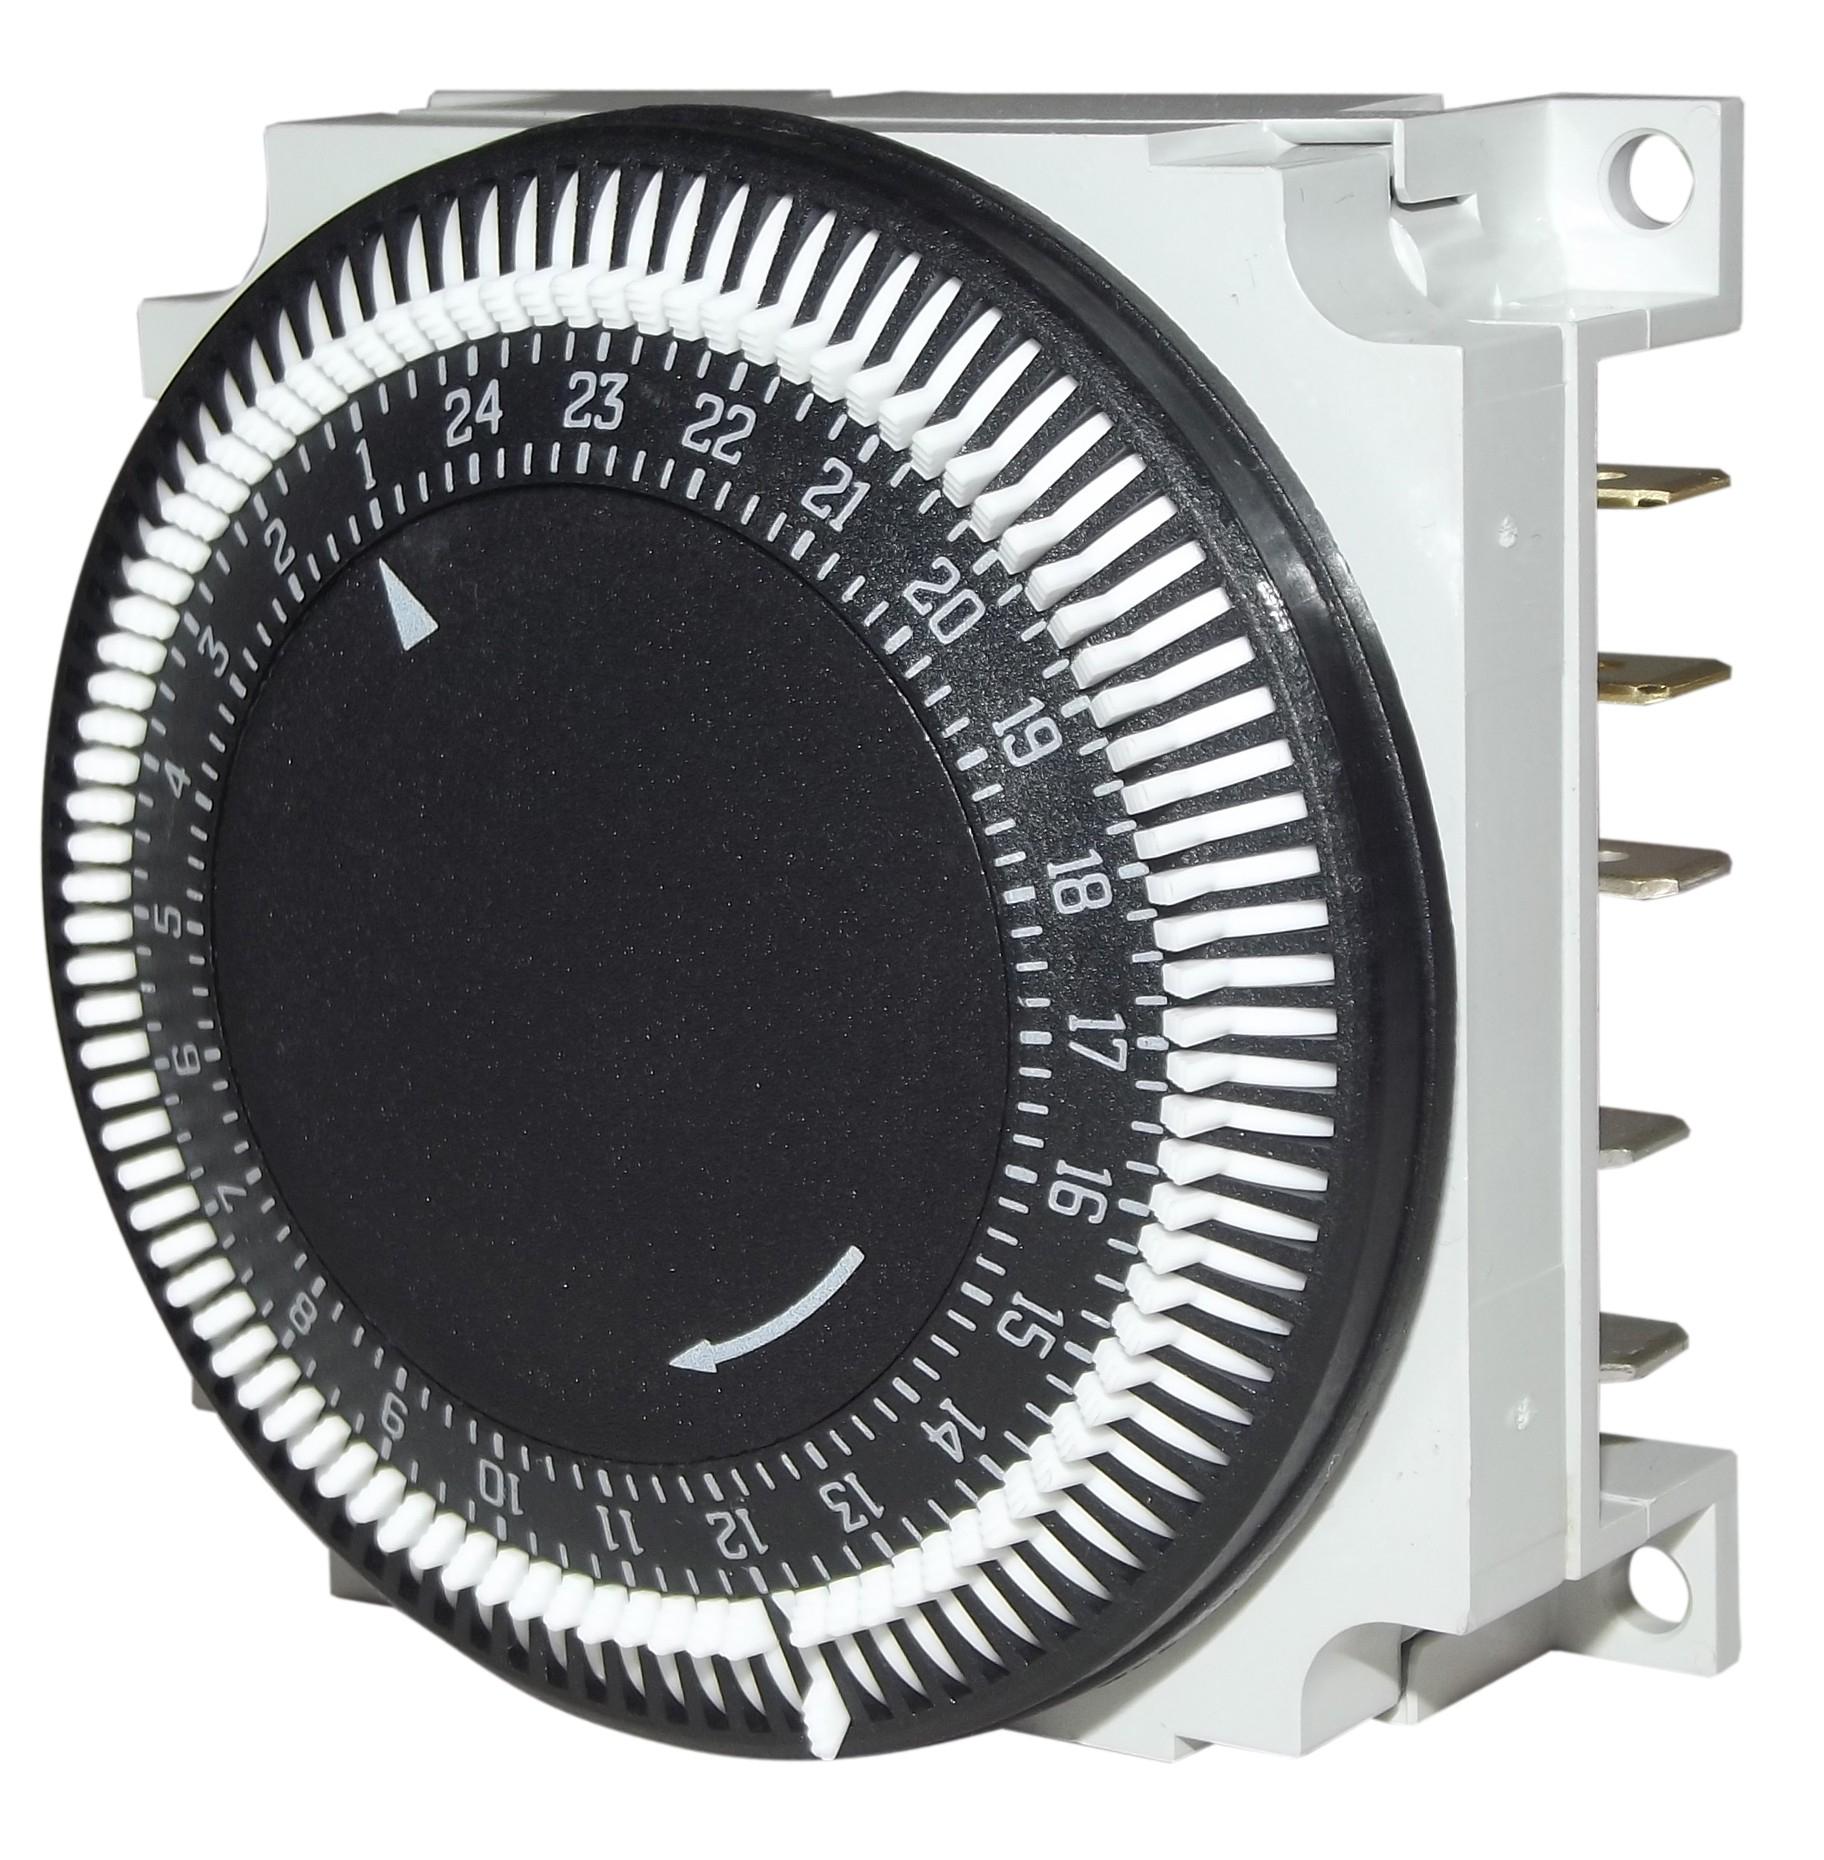 Horloge Grasslin Encastrée Type Polux Pour Meteor pour Programmateur Piscine